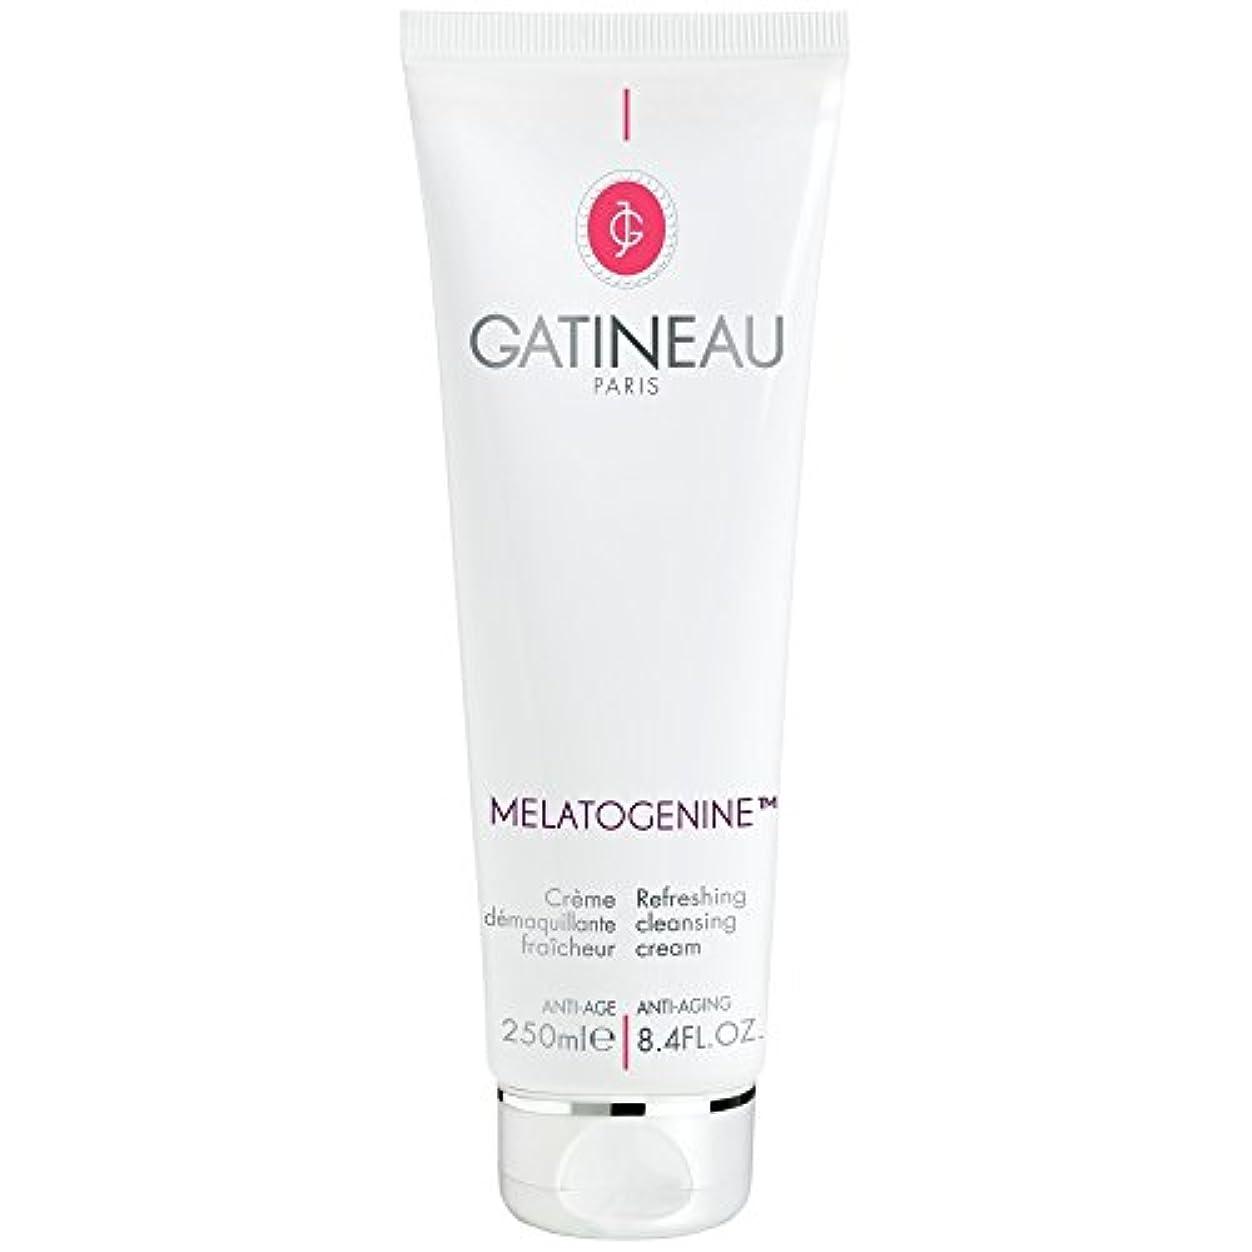 階段医薬品傾くガティノーMelatogenine?さわやかなクレンジングクリーム、250ミリリットル (Gatineau) - Gatineau Melatogenine? Refreshing Cleansing Cream, 250ml [並行輸入品]